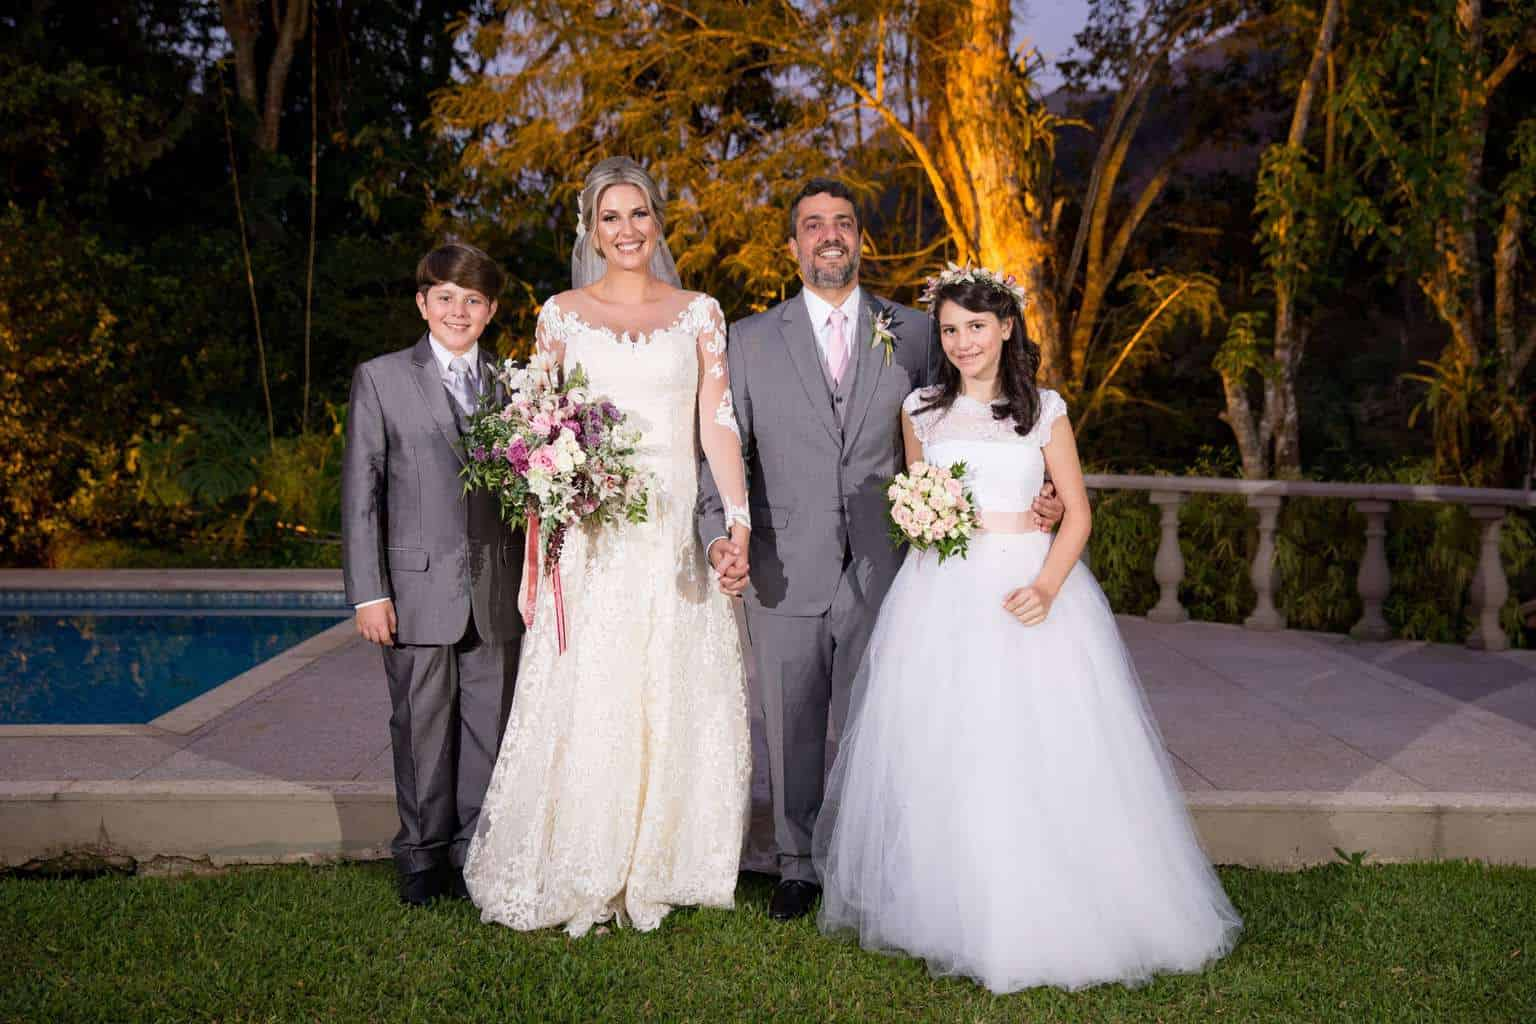 Andrea-Kapps-casamento-de-dia-casamento-na-serra-casamento-romântico-casamento-tradicional-daminhas-Locanda-de-La-Mimosa-pajem-rosa-e-lilás-casamento-37